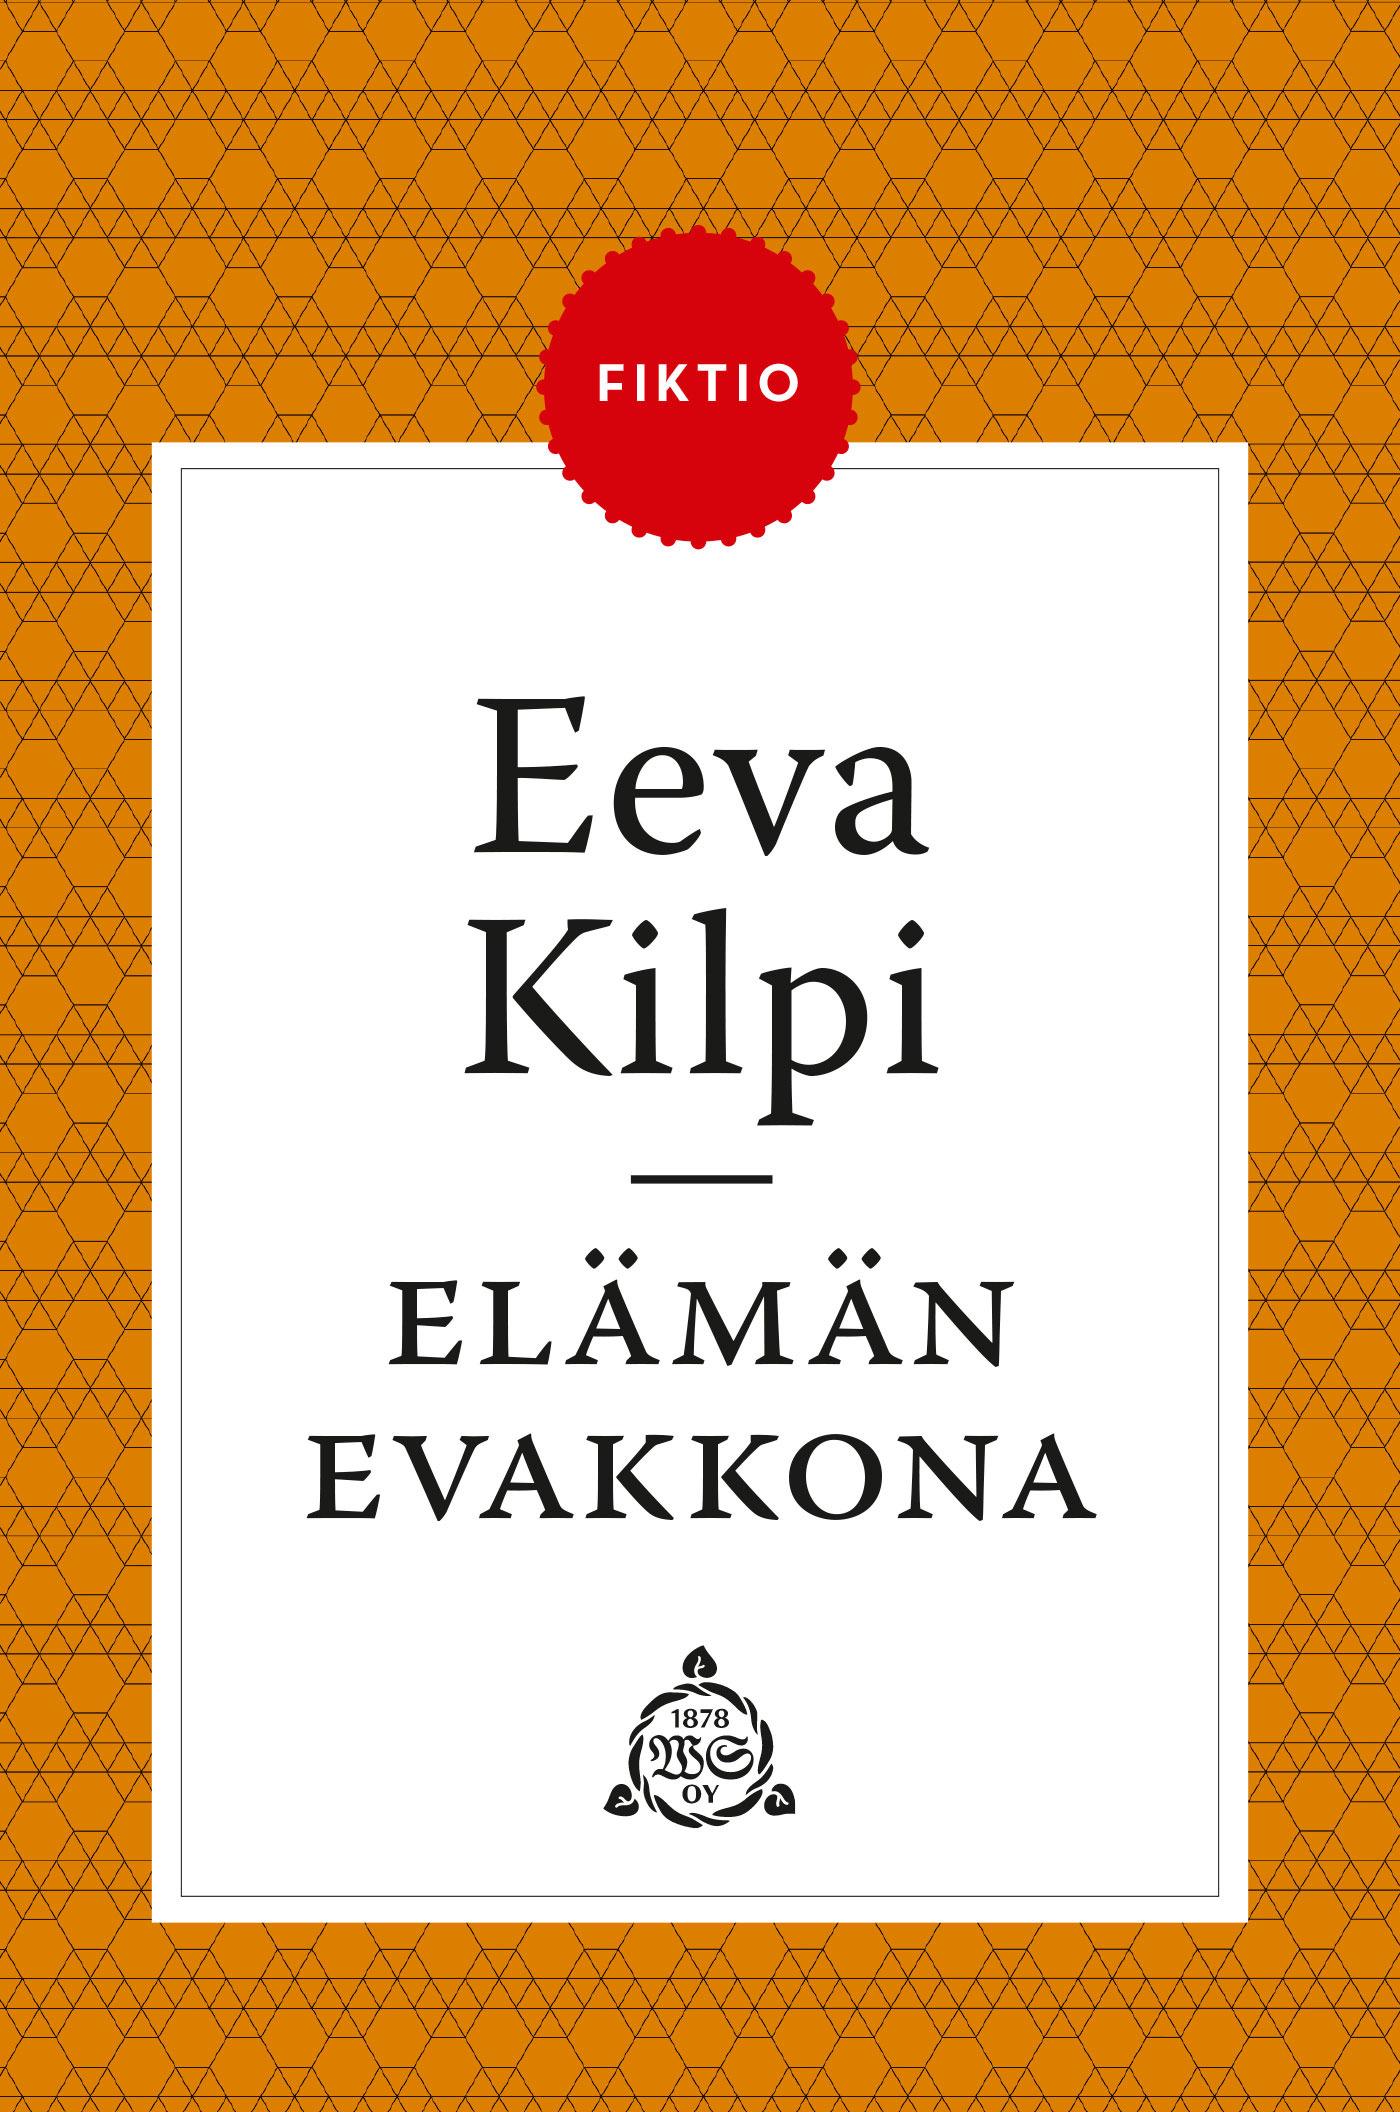 Kilpi, Eeva - Elämän evakkona, e-kirja